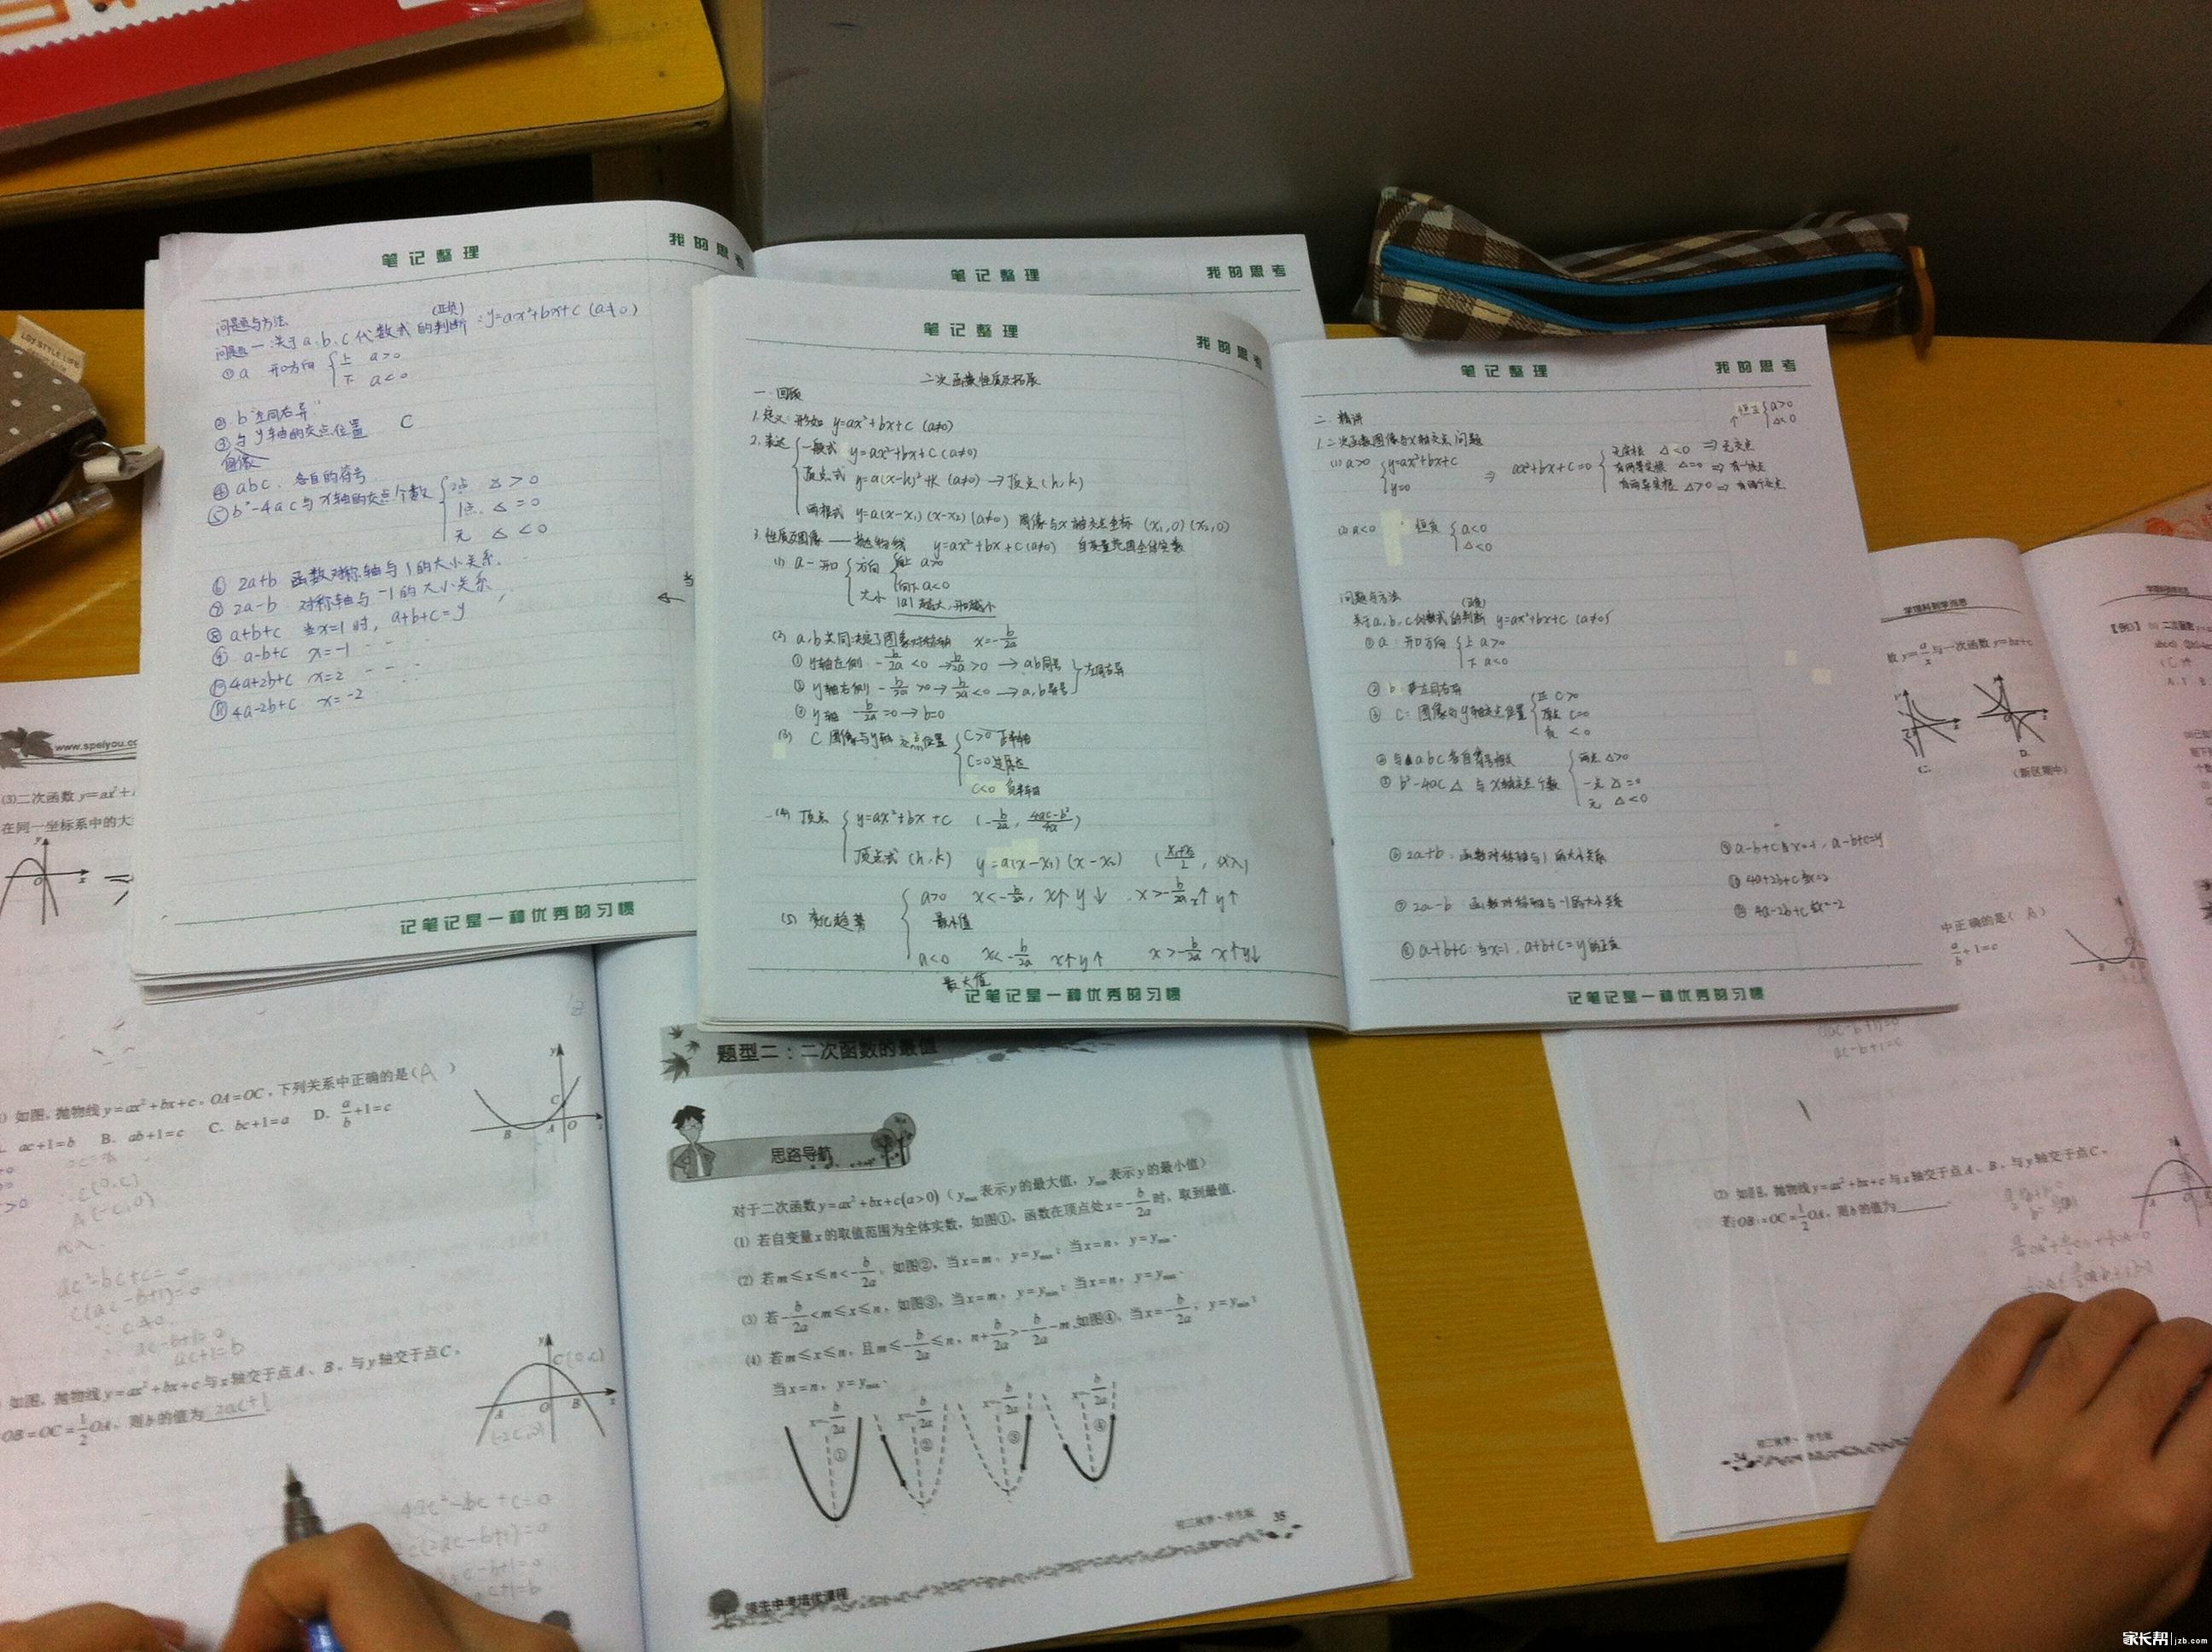 高中英语笔记模板